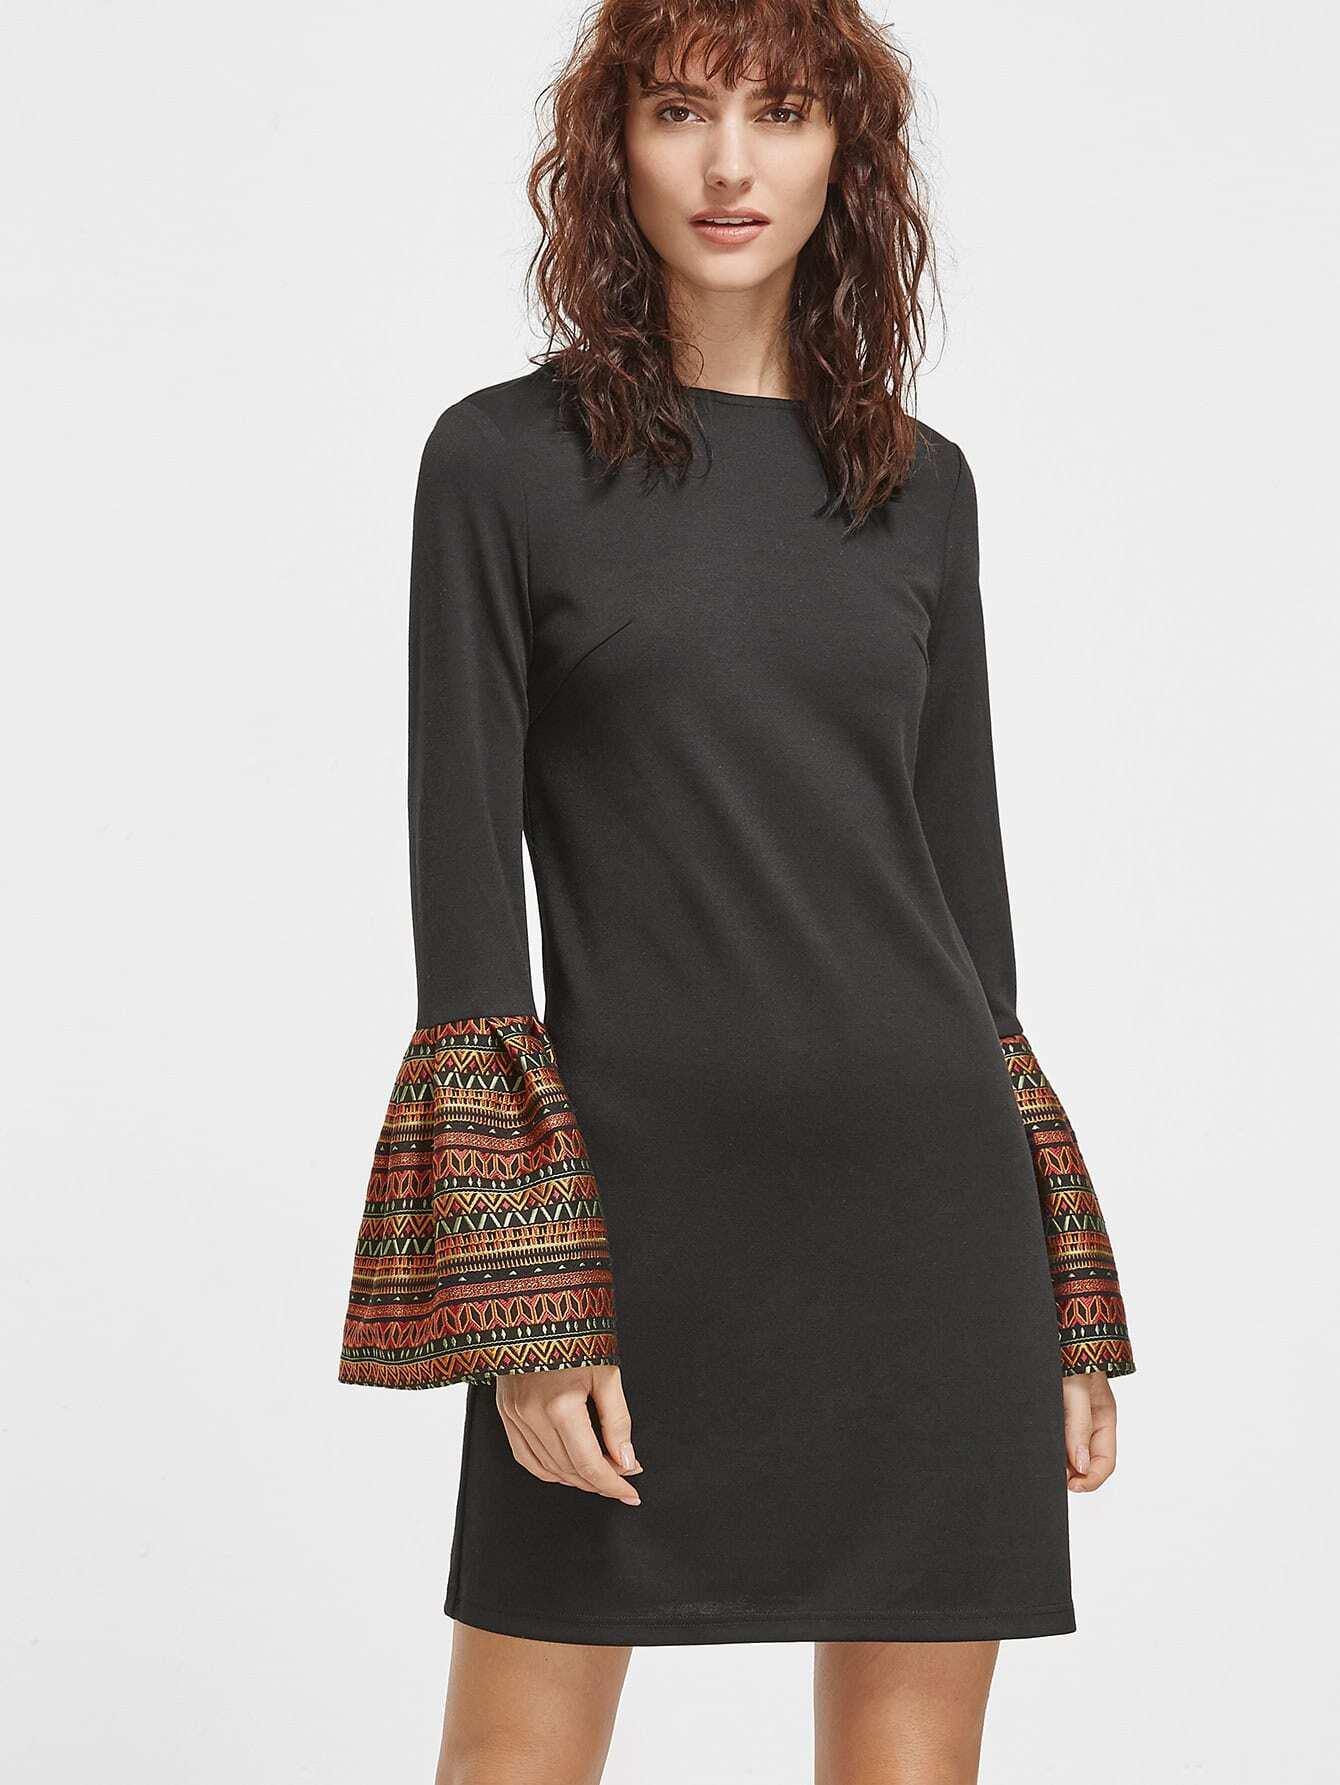 dress161202705_2